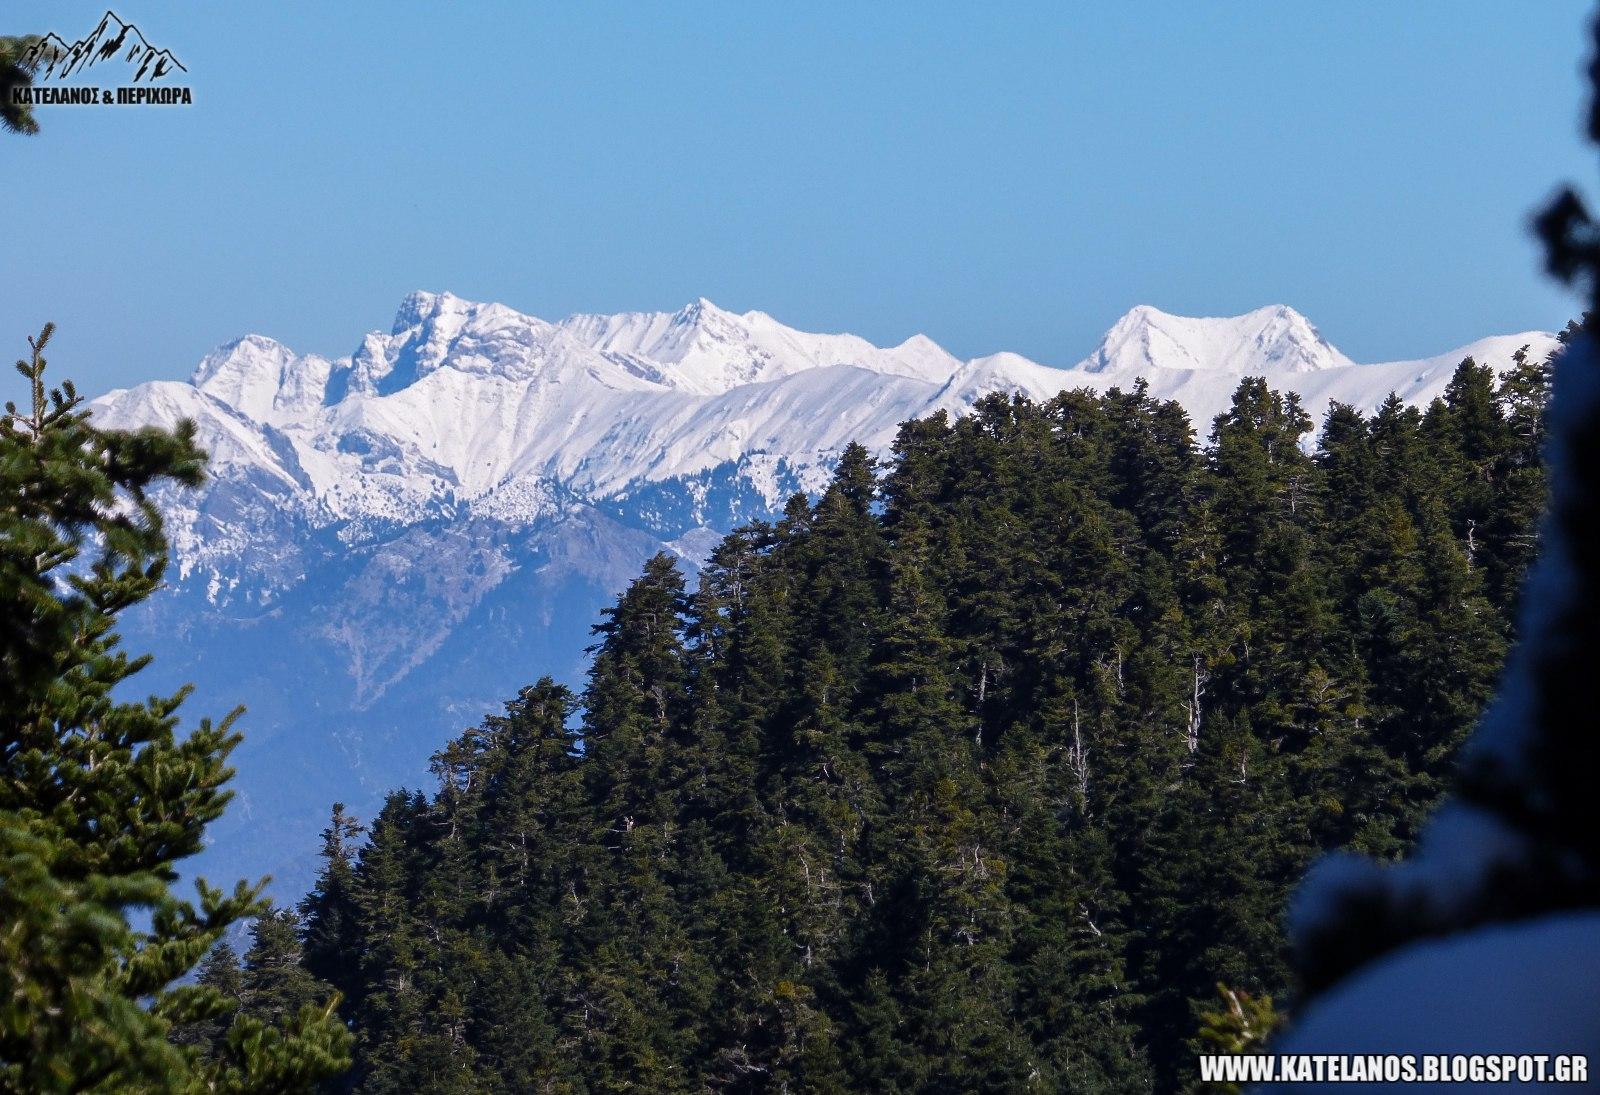 ανατολικα αγραφα νιαλα βουνα κορυφες καταραχιας πλακα φλυτζανι αγραφων χιονι χειμωνας βουνοκορφες